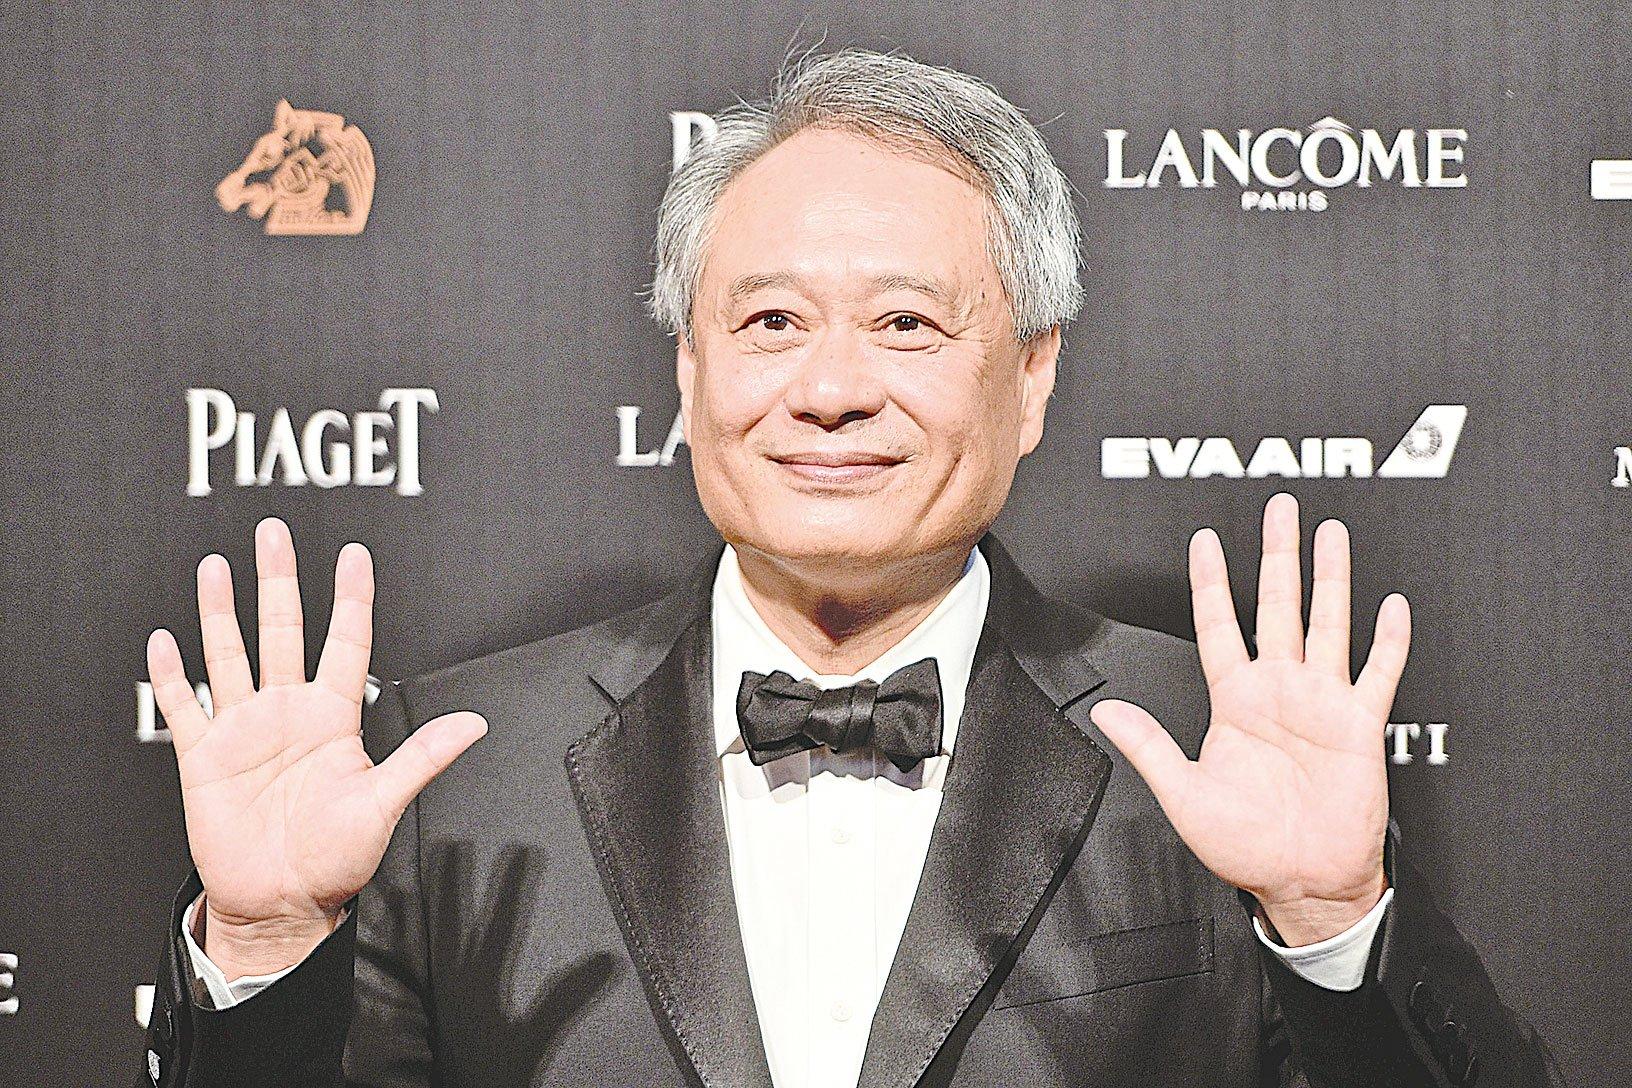 台灣導演李安在55屆金馬獎頒獎儀式上。 (Photo credit should read SAM YEH/AFP/Getty Images)